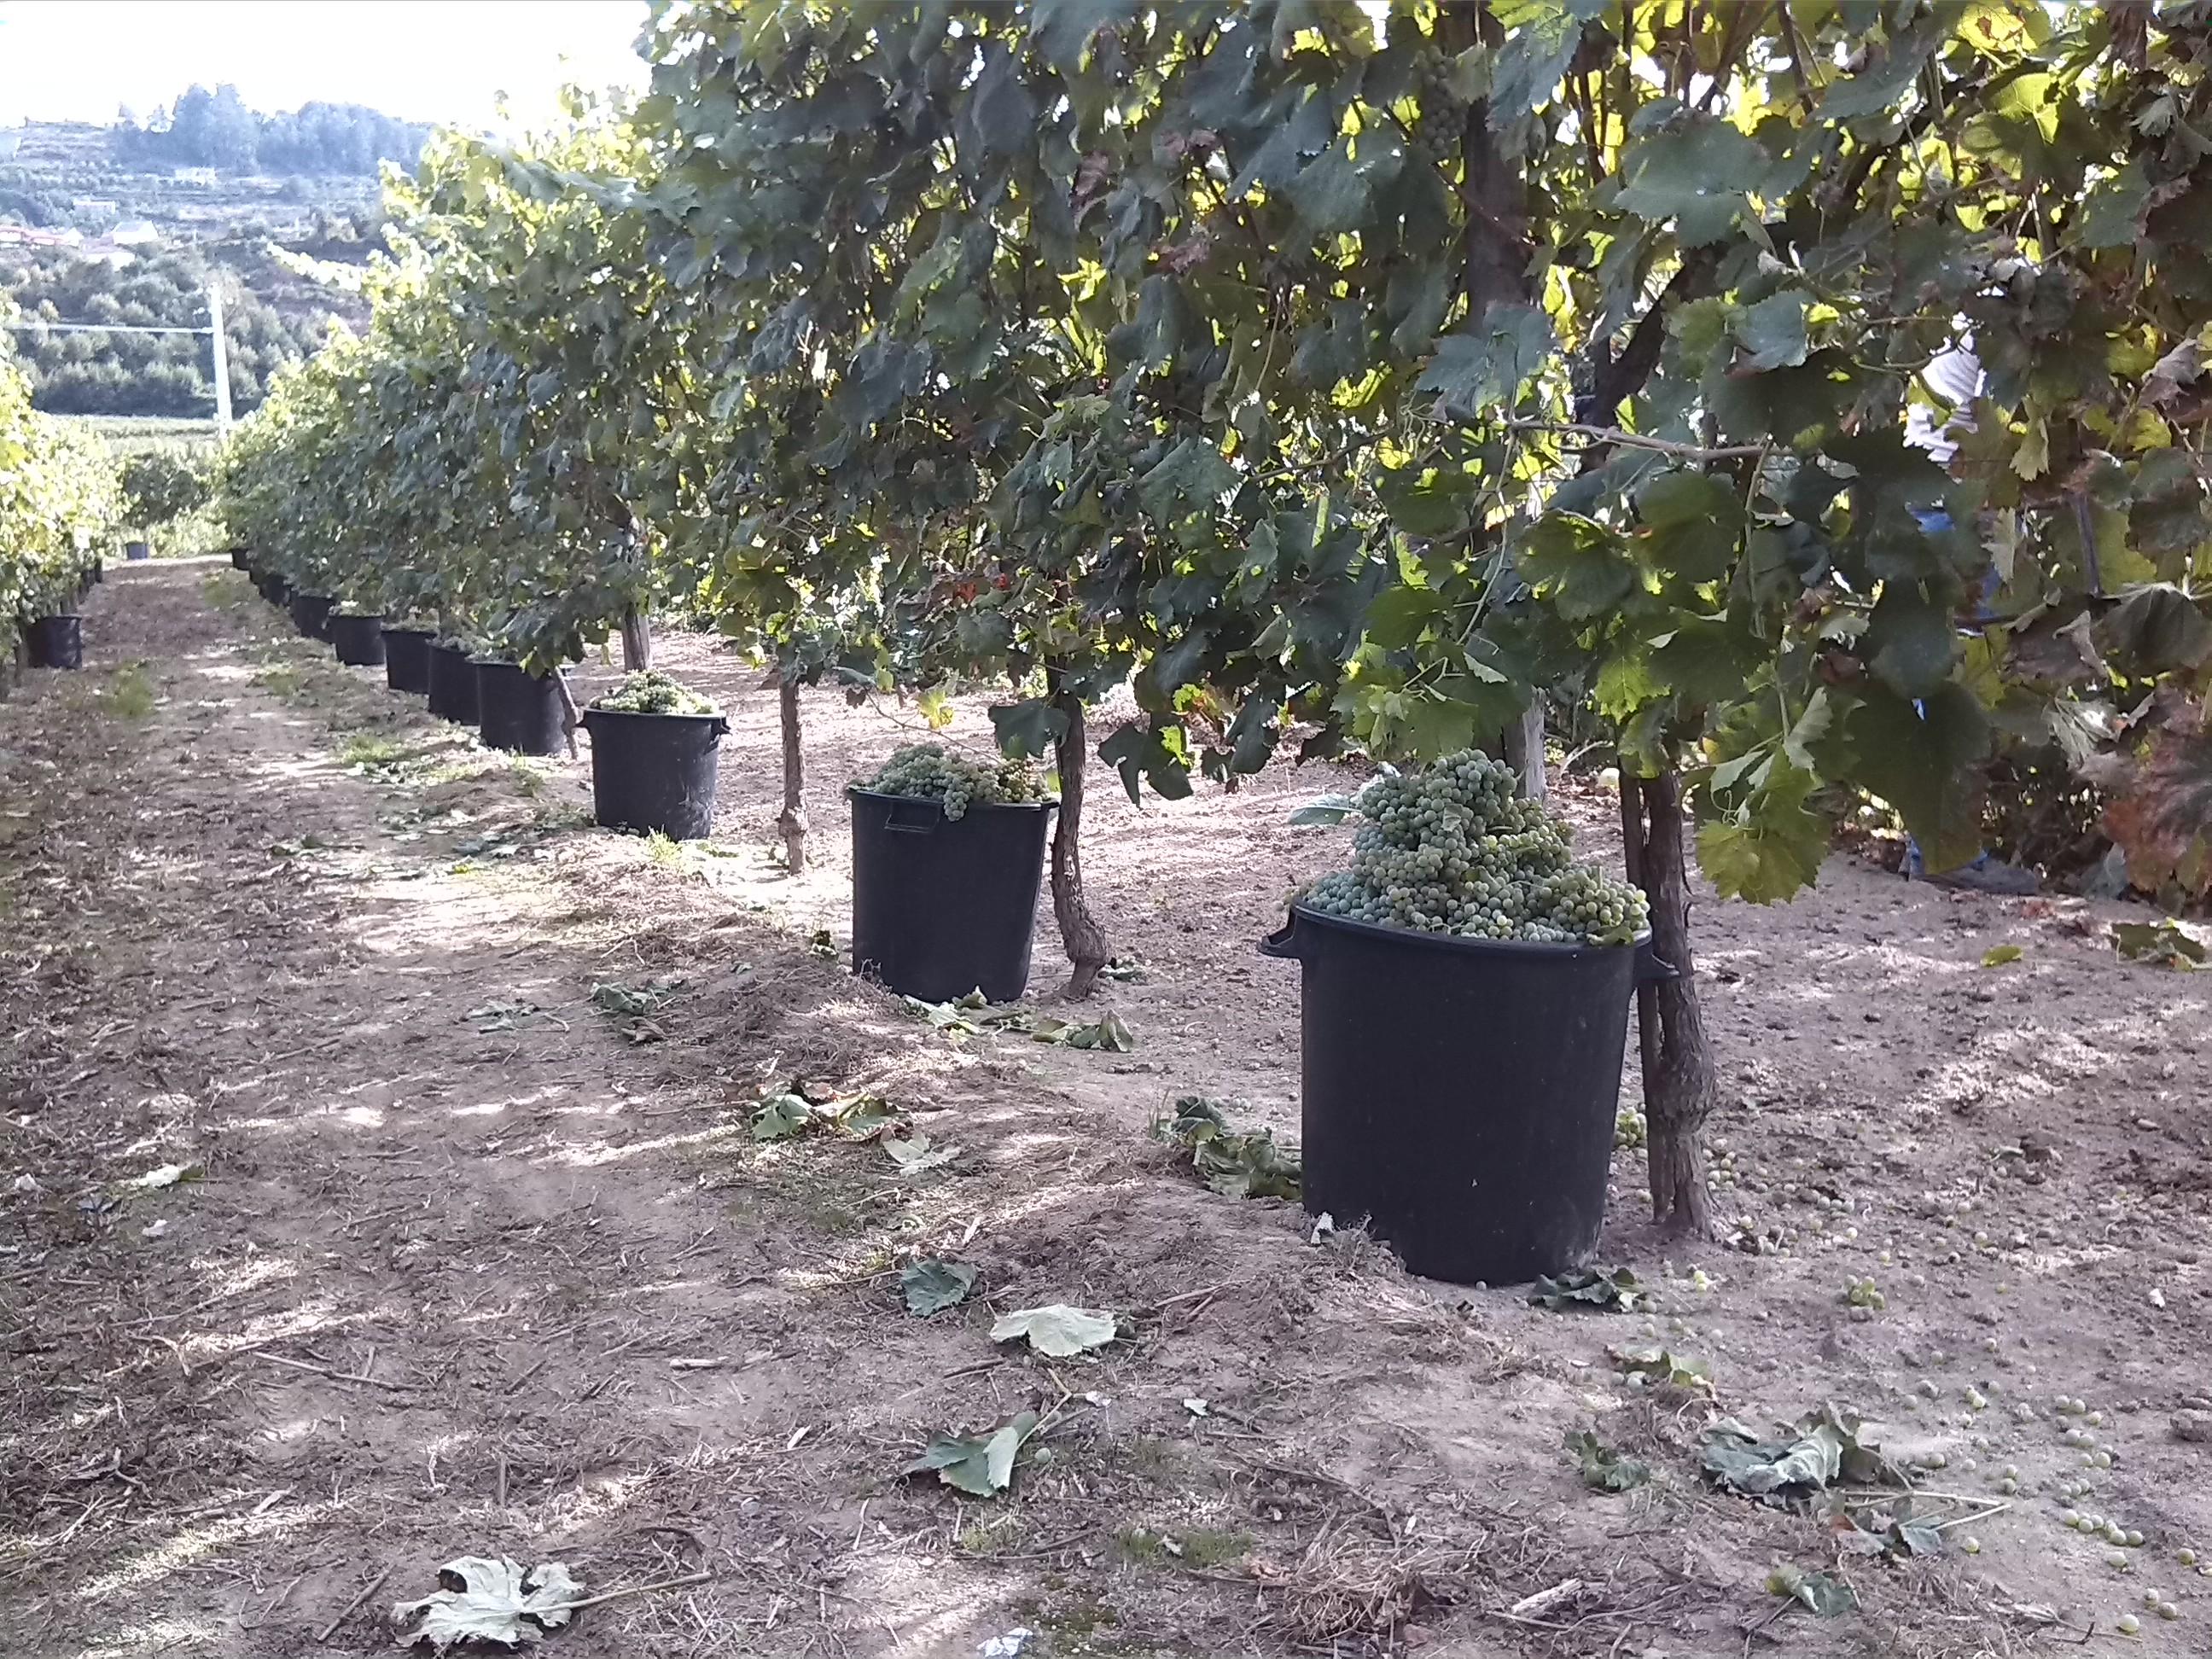 boasVinhas-ed10-ja-valorizou-as-suas-uvas